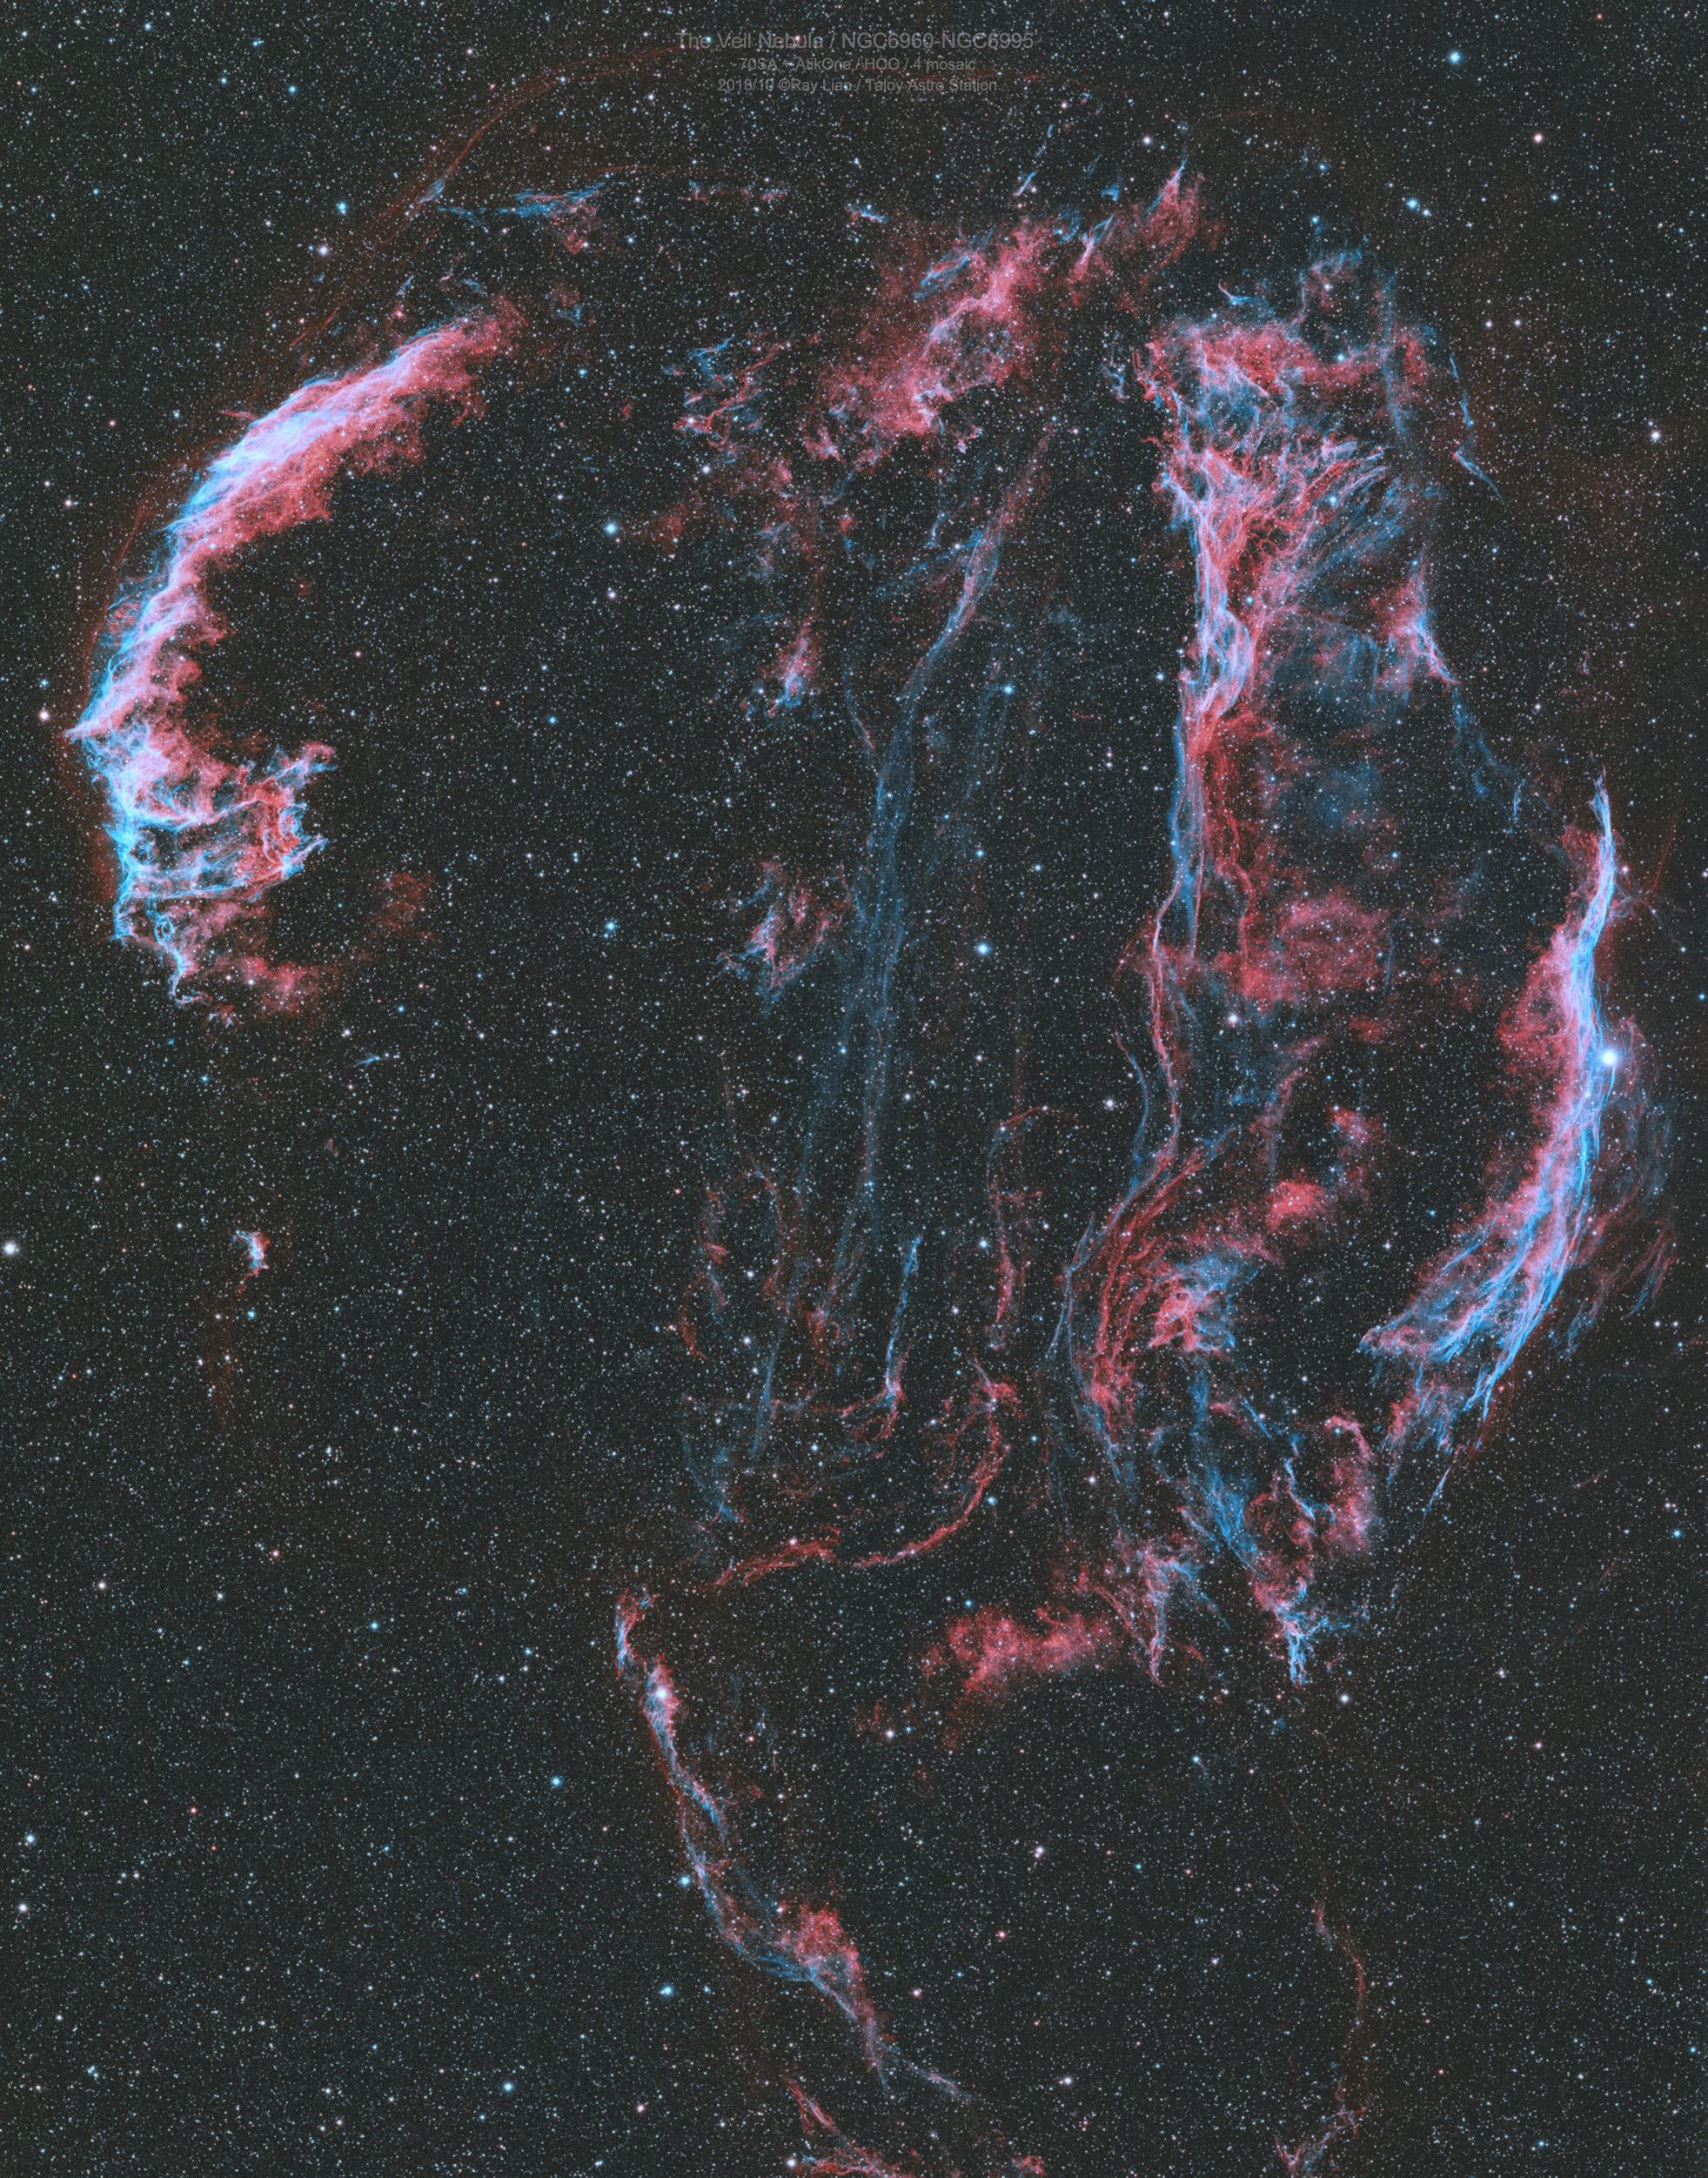 NGC6960-NGC6995-70SA-AtikOne-4Mosaic-HOO-bin2.jpg